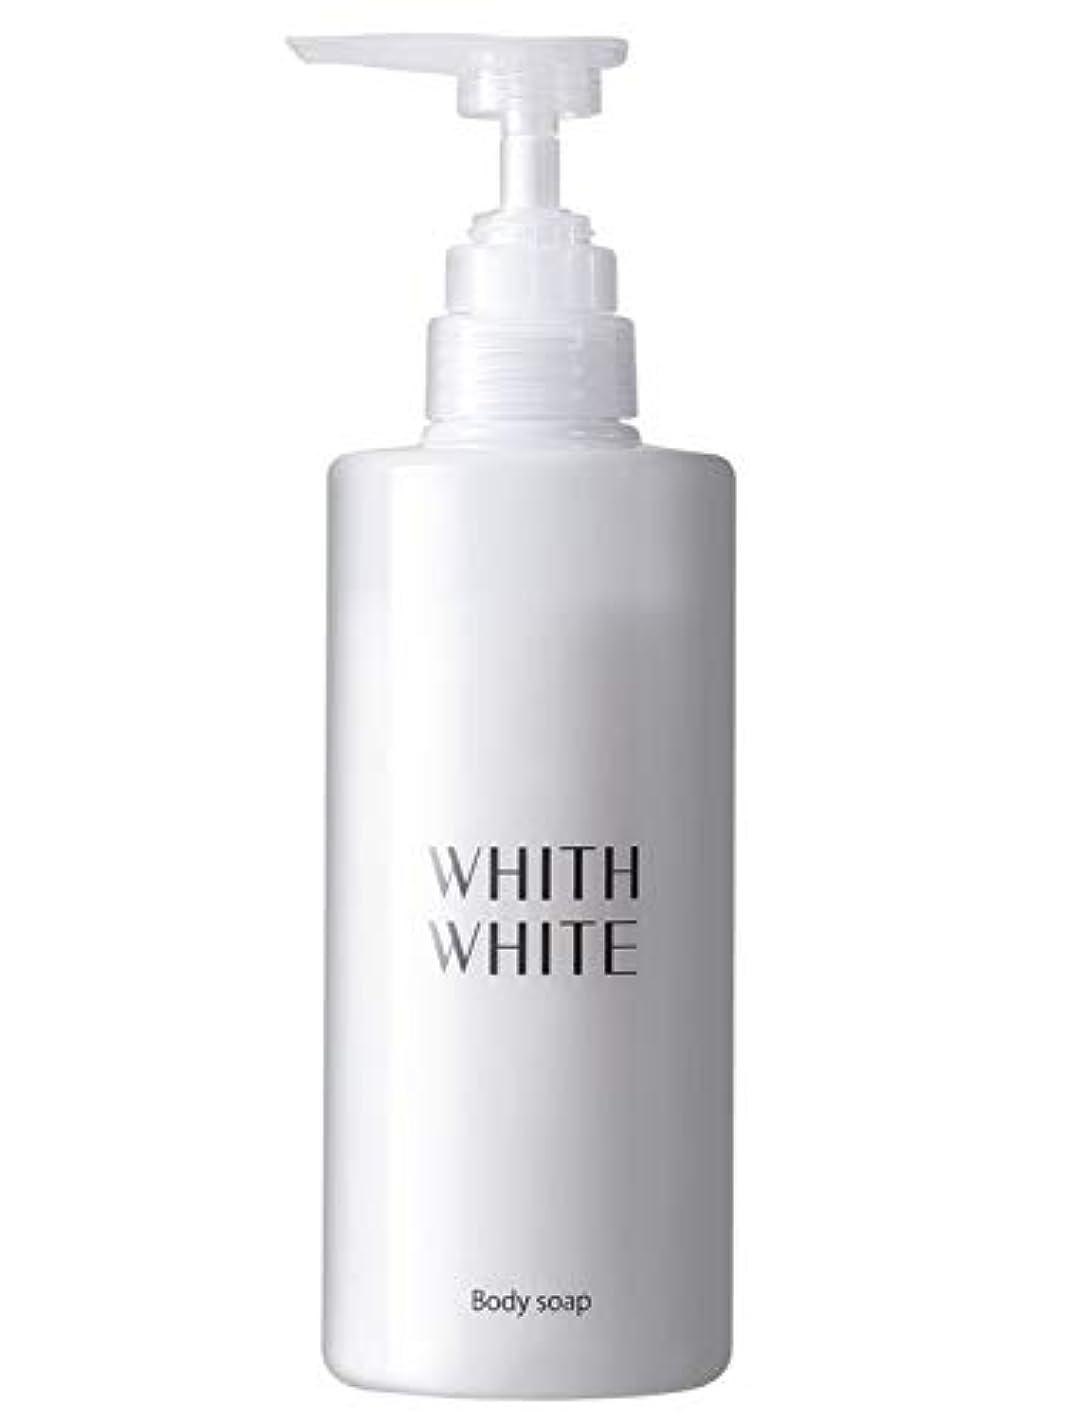 北方ペダルおそらくフィス ホワイト ボディソープ 【 エレガントフローラルのいい香り 】 無添加 保湿 ボディーソープ 「 泡で黒ずみ さっぱり ボディシャンプー 」「 ヒアルロン酸 コラーゲン セラミド 配合」450ml